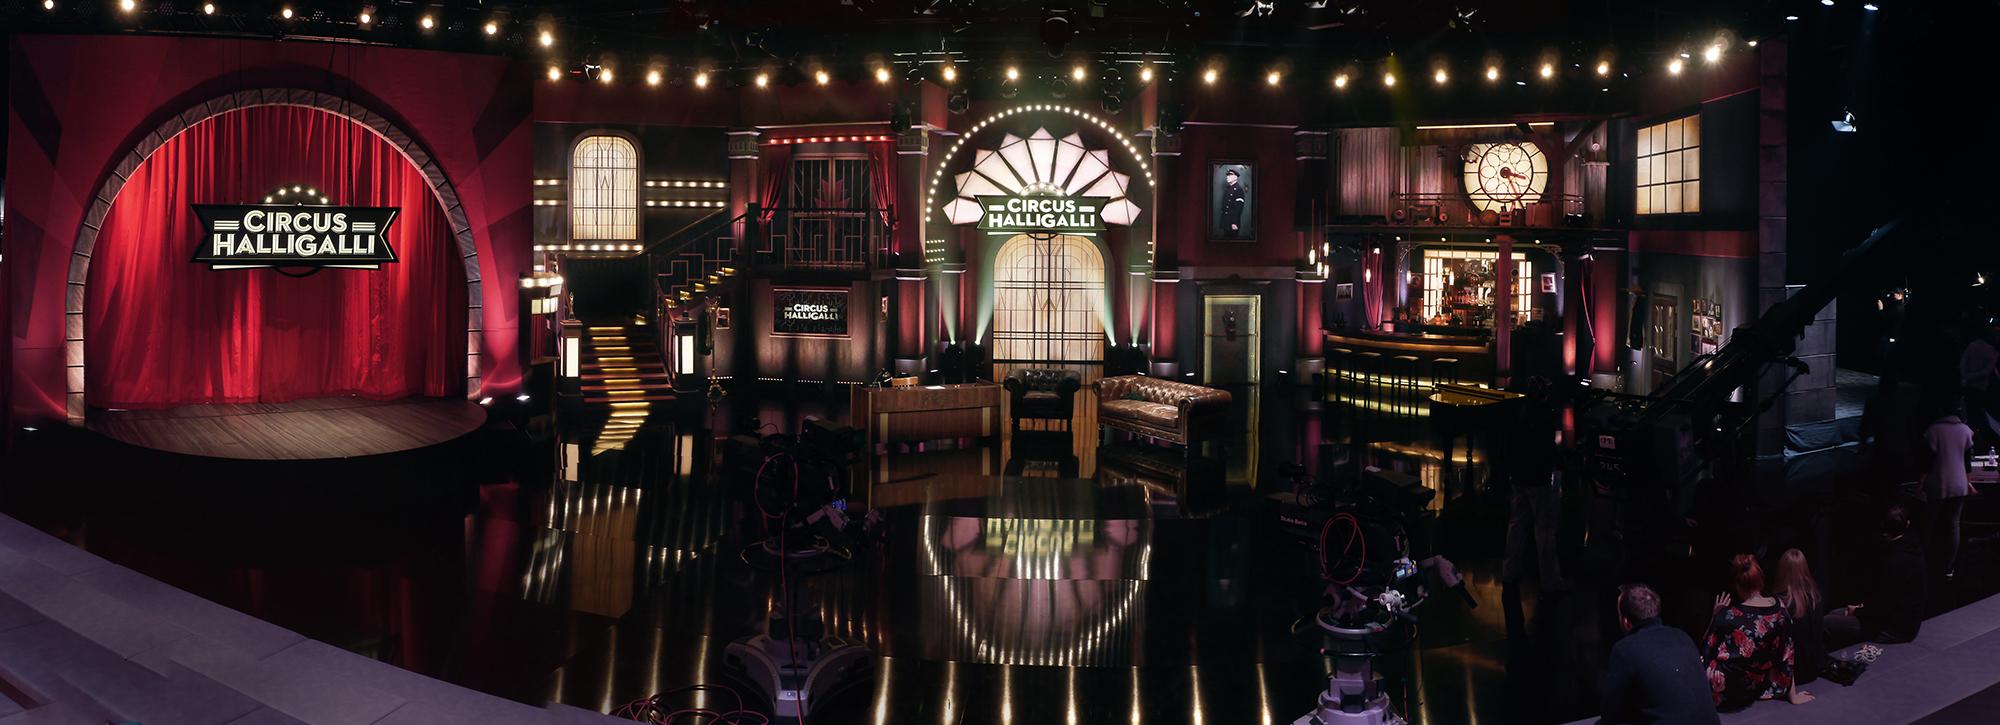 Circus_Panorama_1